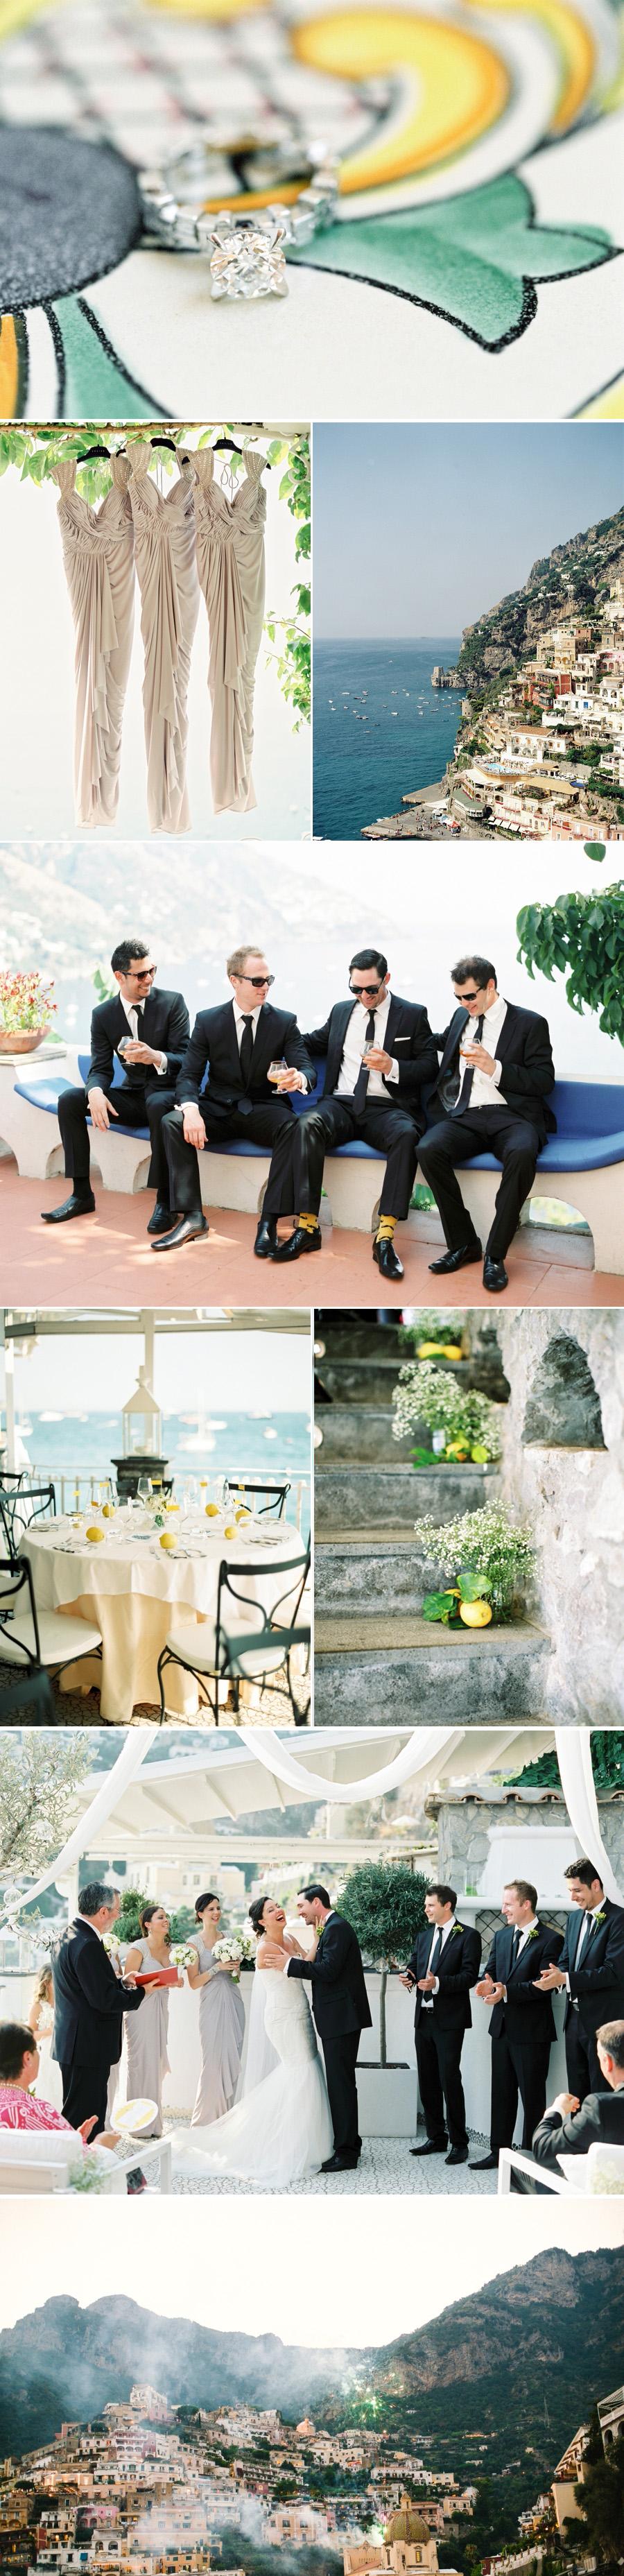 Bröllop med medelhavskänlsa fotograferat av 2 Brides Photography